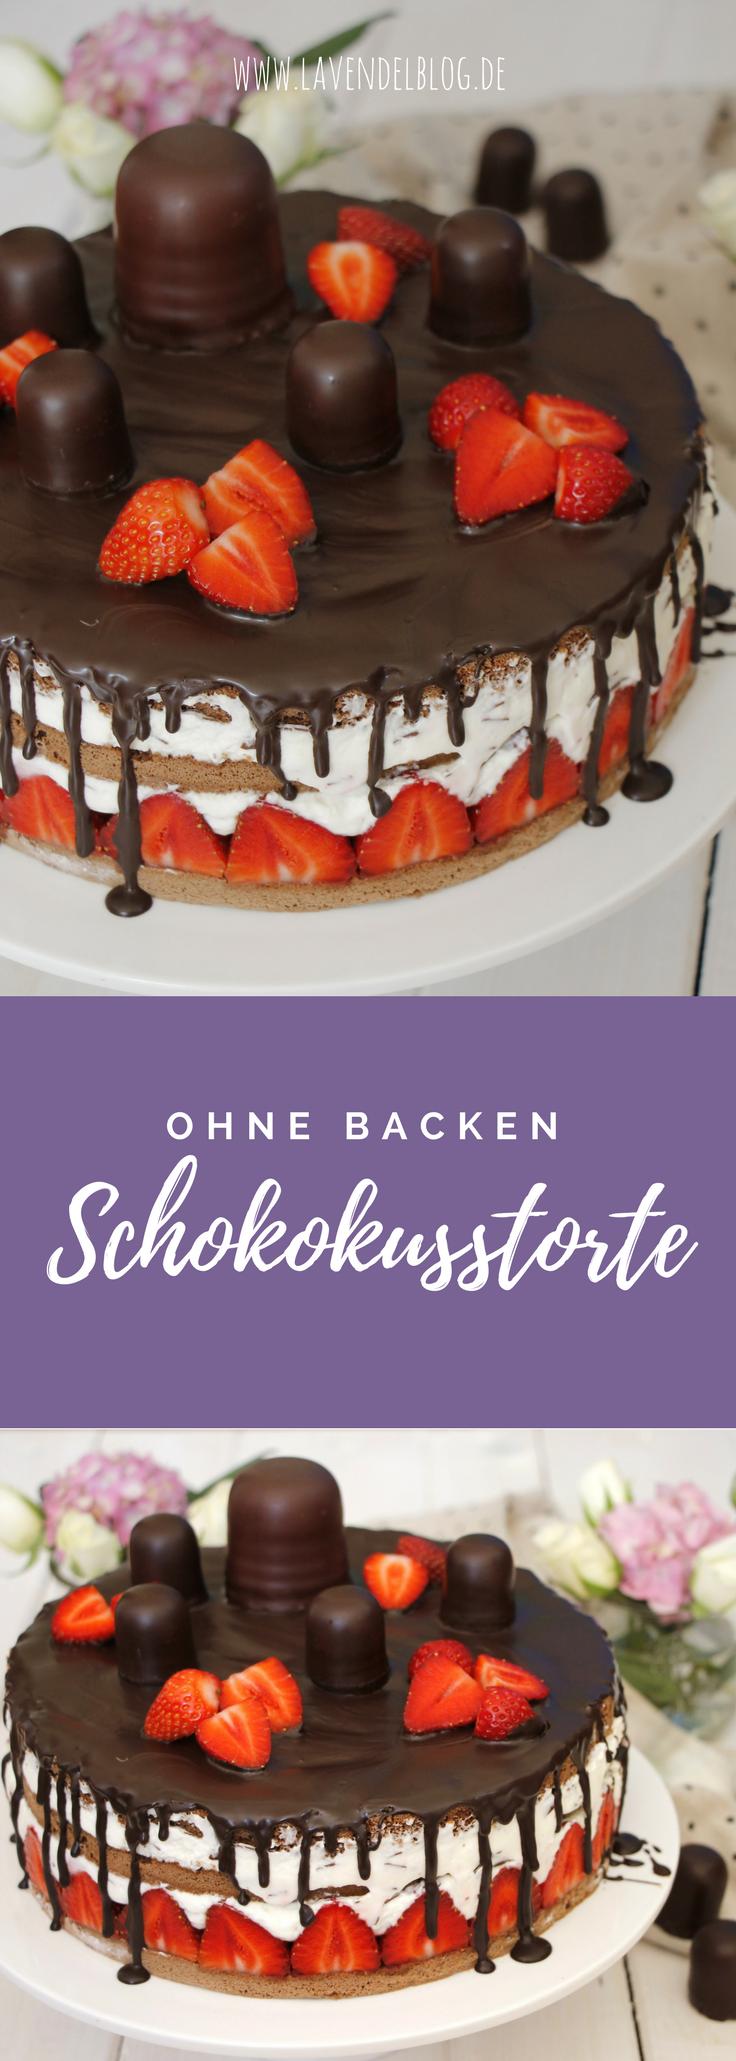 Schokokusstorte: Das perfekte Geburtstagstortenrezept #desserts